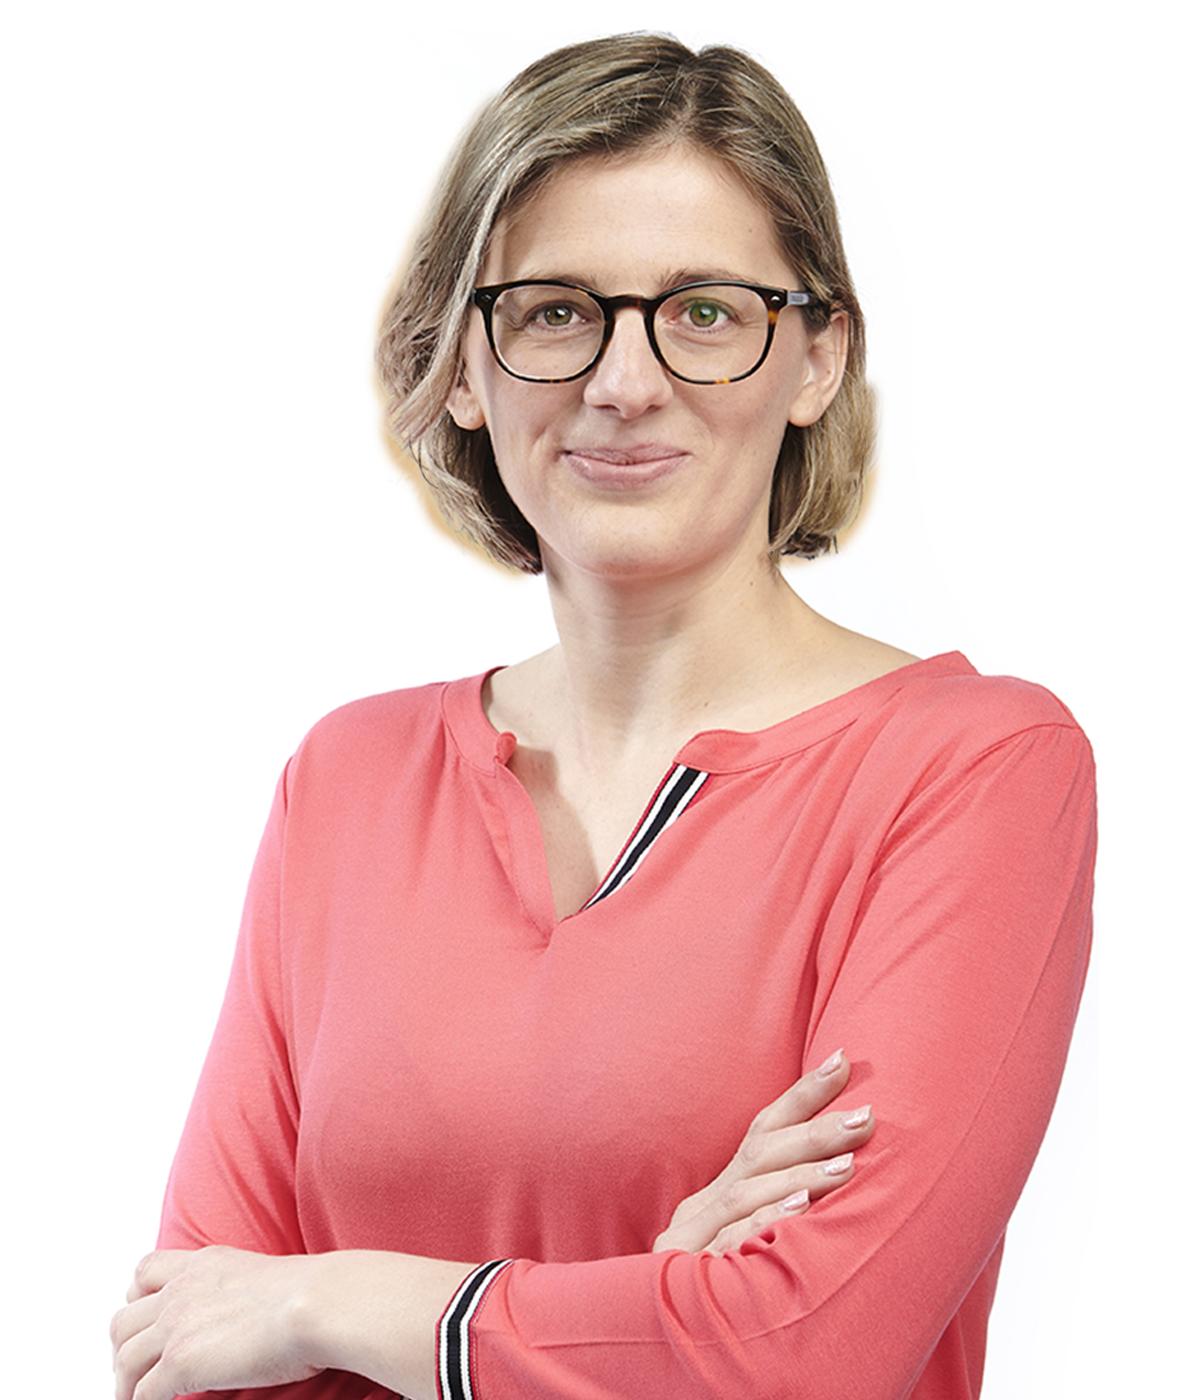 Sofie Mertens